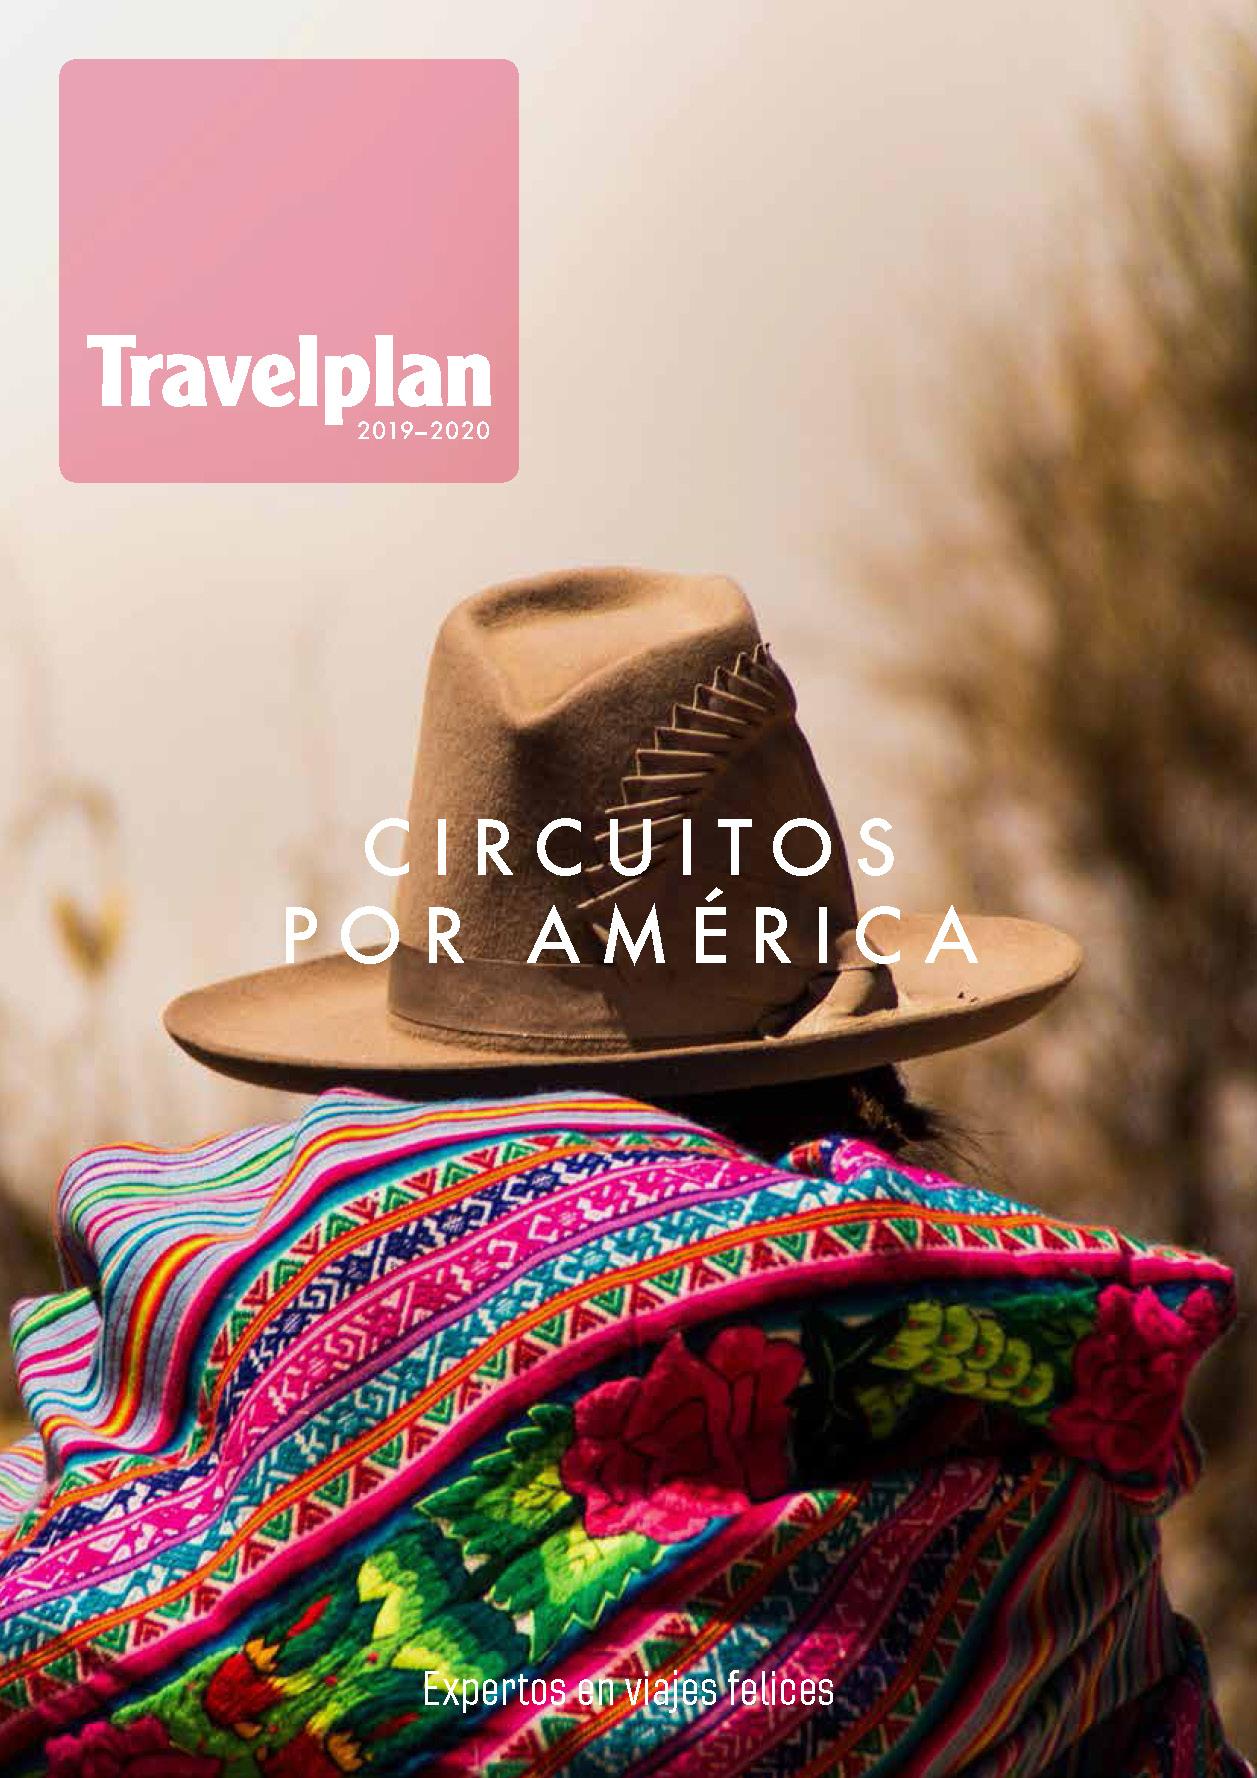 Catalogo Travelplan Circuitos America Latina 2019-2020